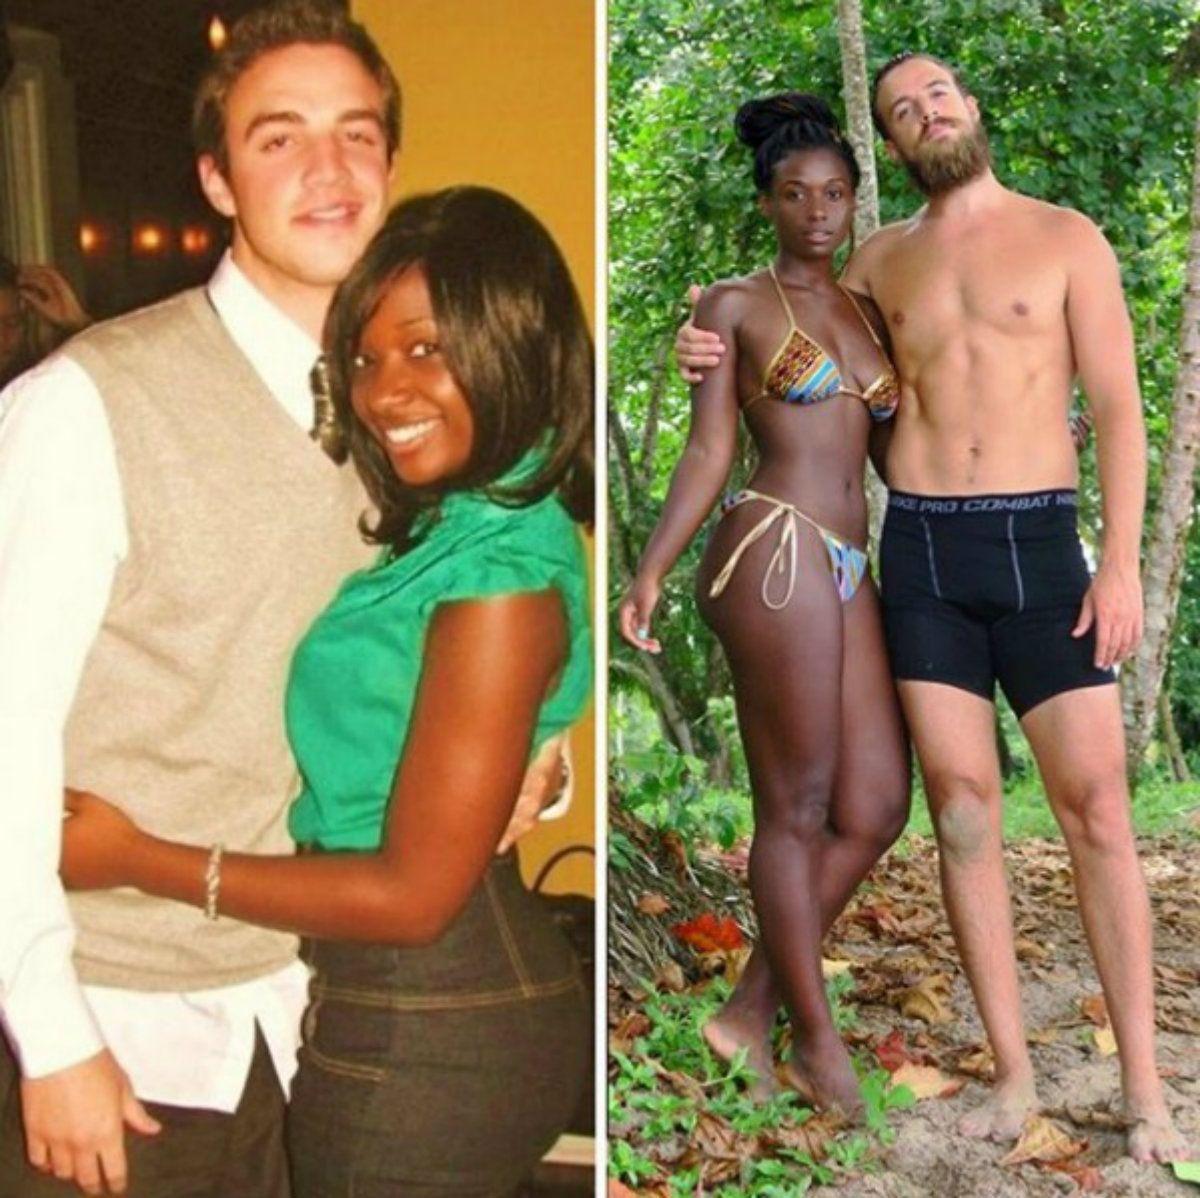 Hay 10 años de diferencia entre una foto y otra